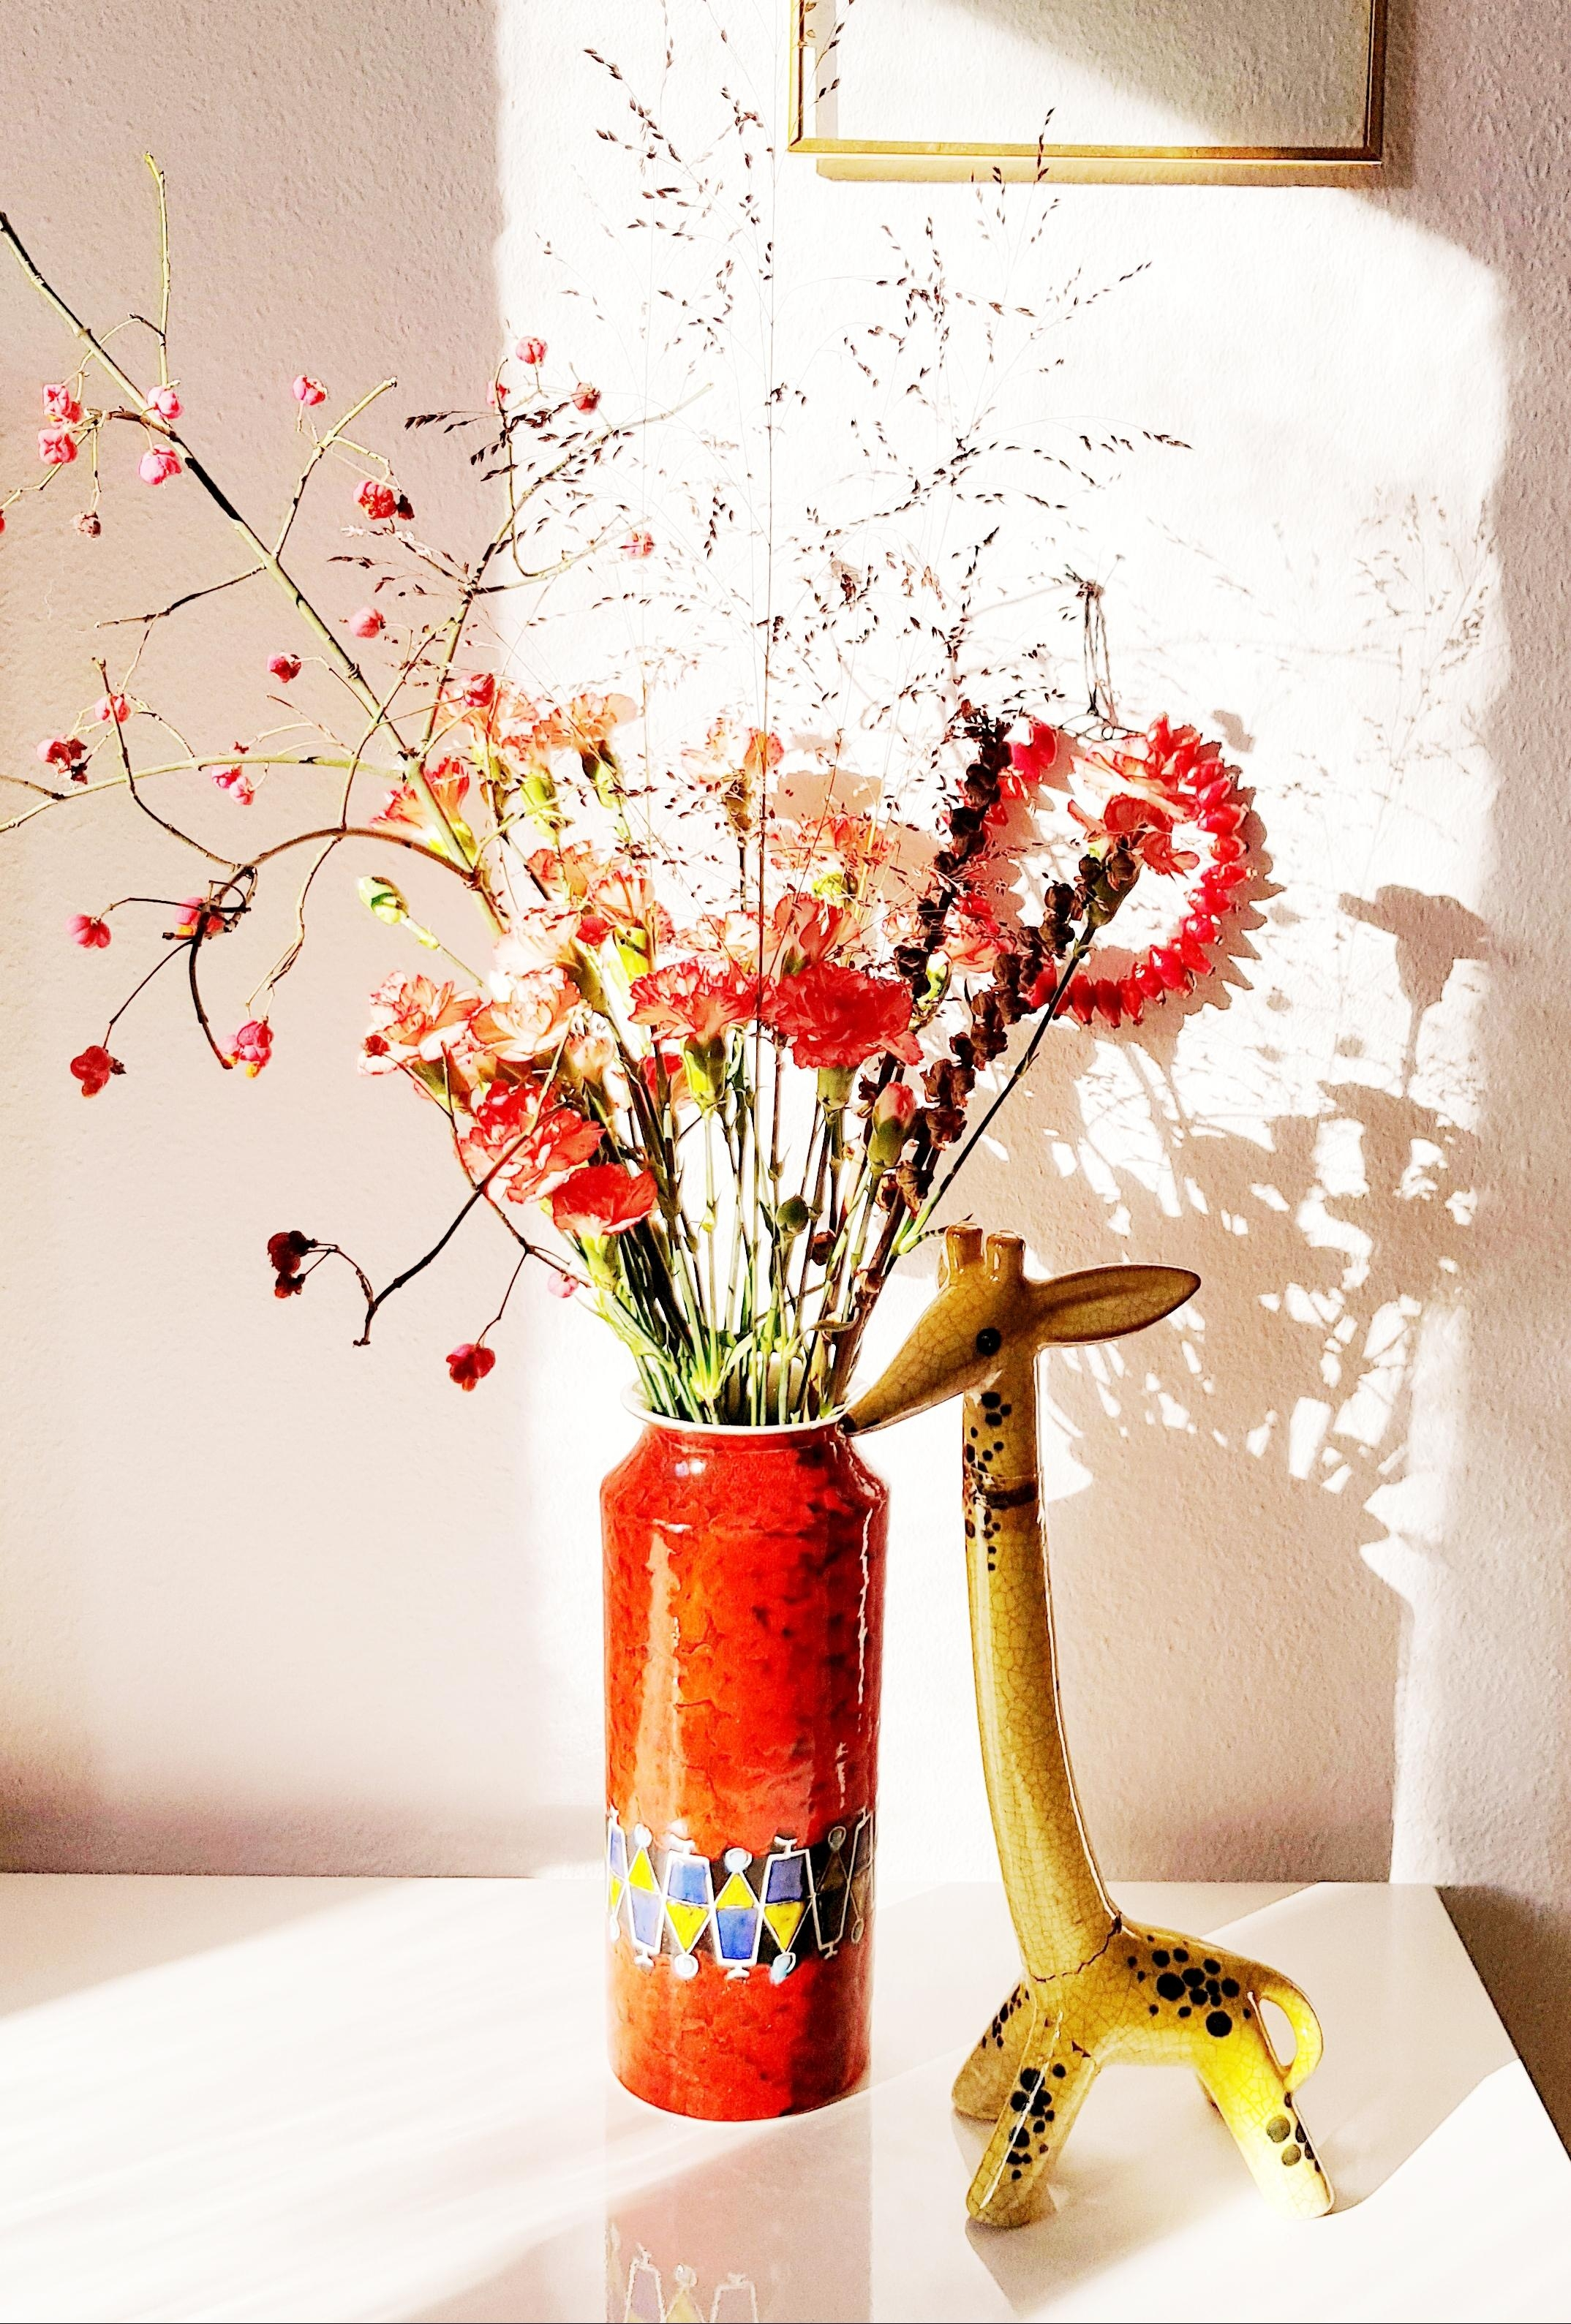 Lichtspiel Mit Giraffefreshflowerfriday Flohmarktfund Deko Wohnzimmer  E86419d3 72b3 4729 Baec 9125c6857bb2